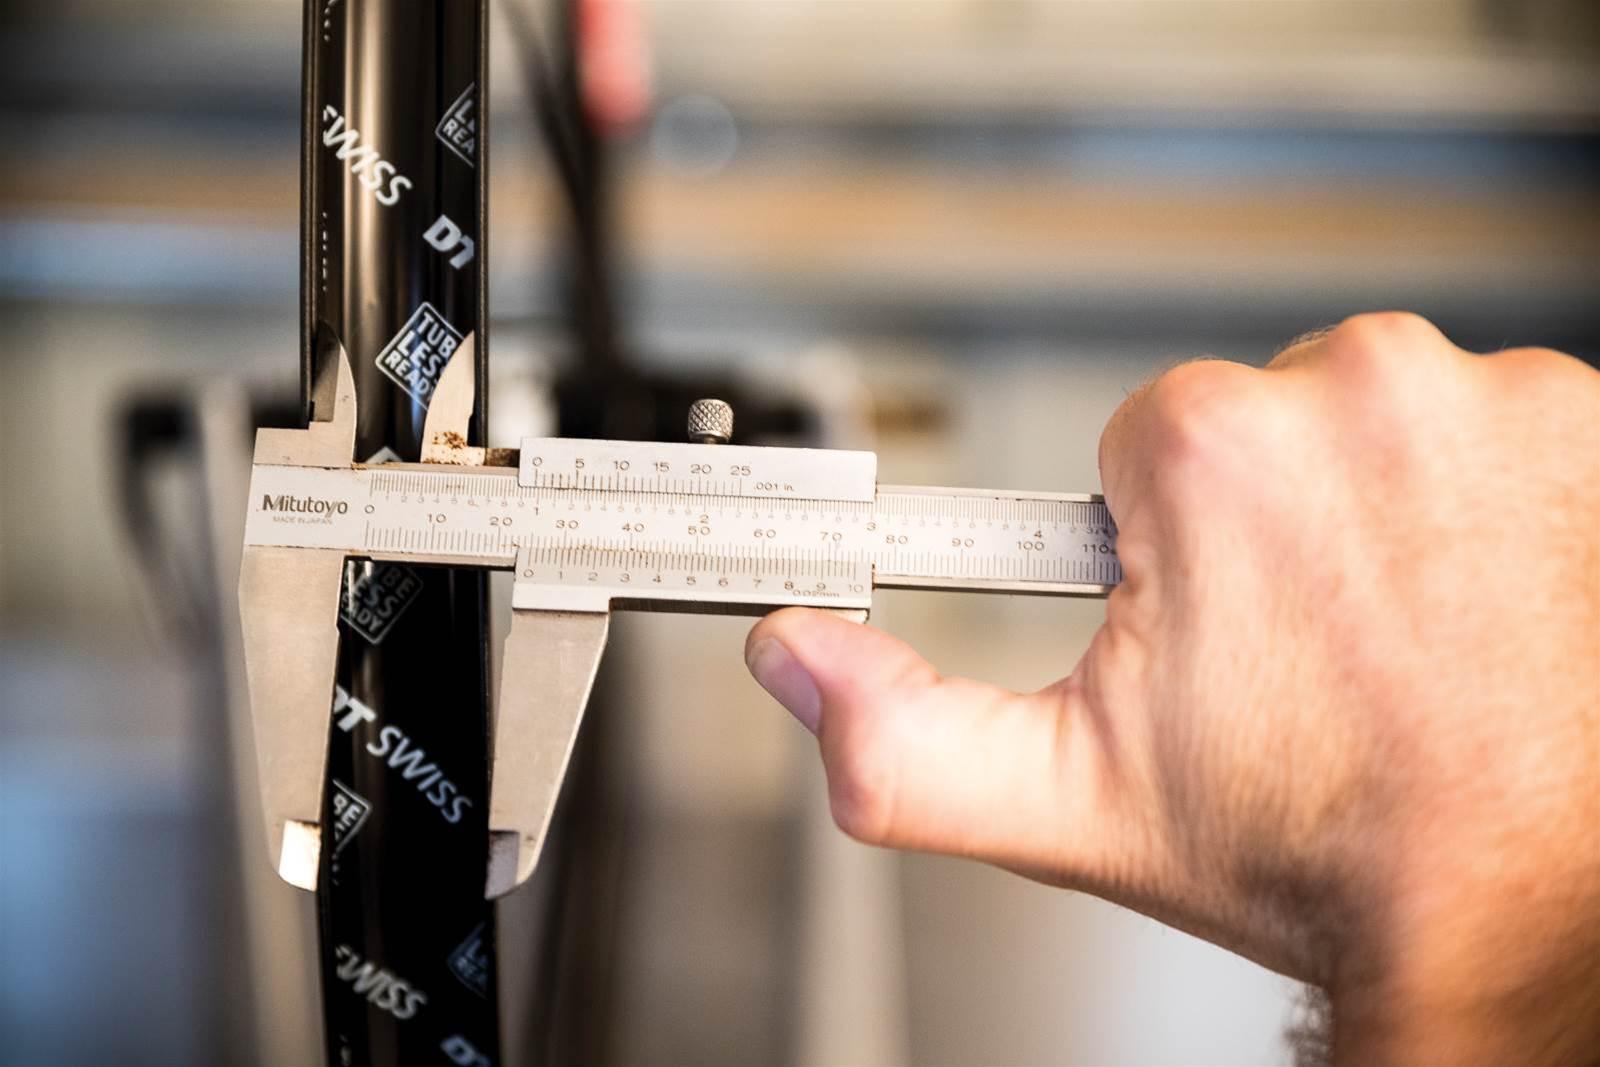 What's the best MTB rim width? - Australian Mountain Bike